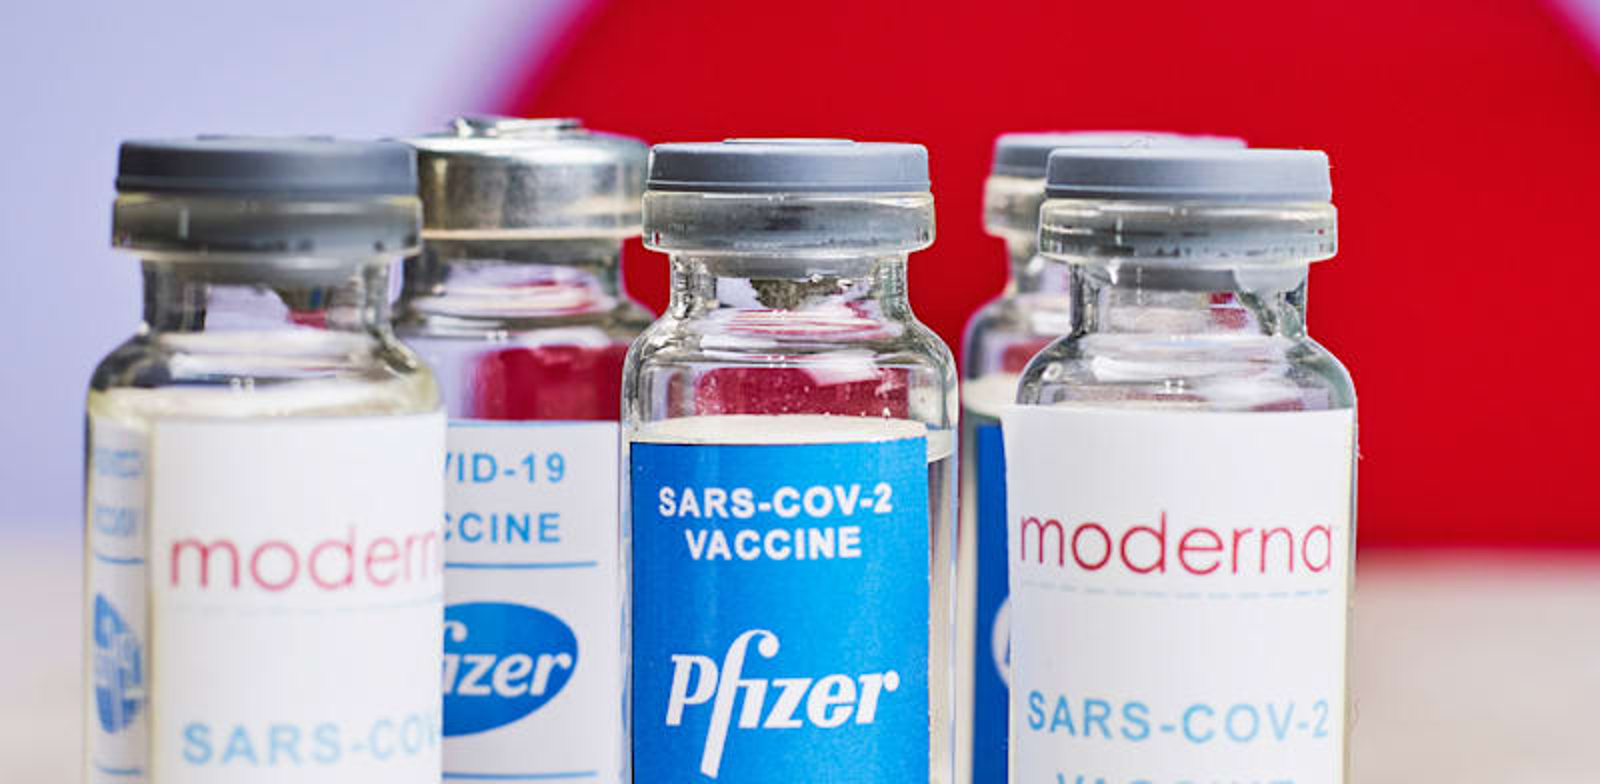 חיסונים לקורונה של מודרנה ופייזר / צילום: Shutterstock